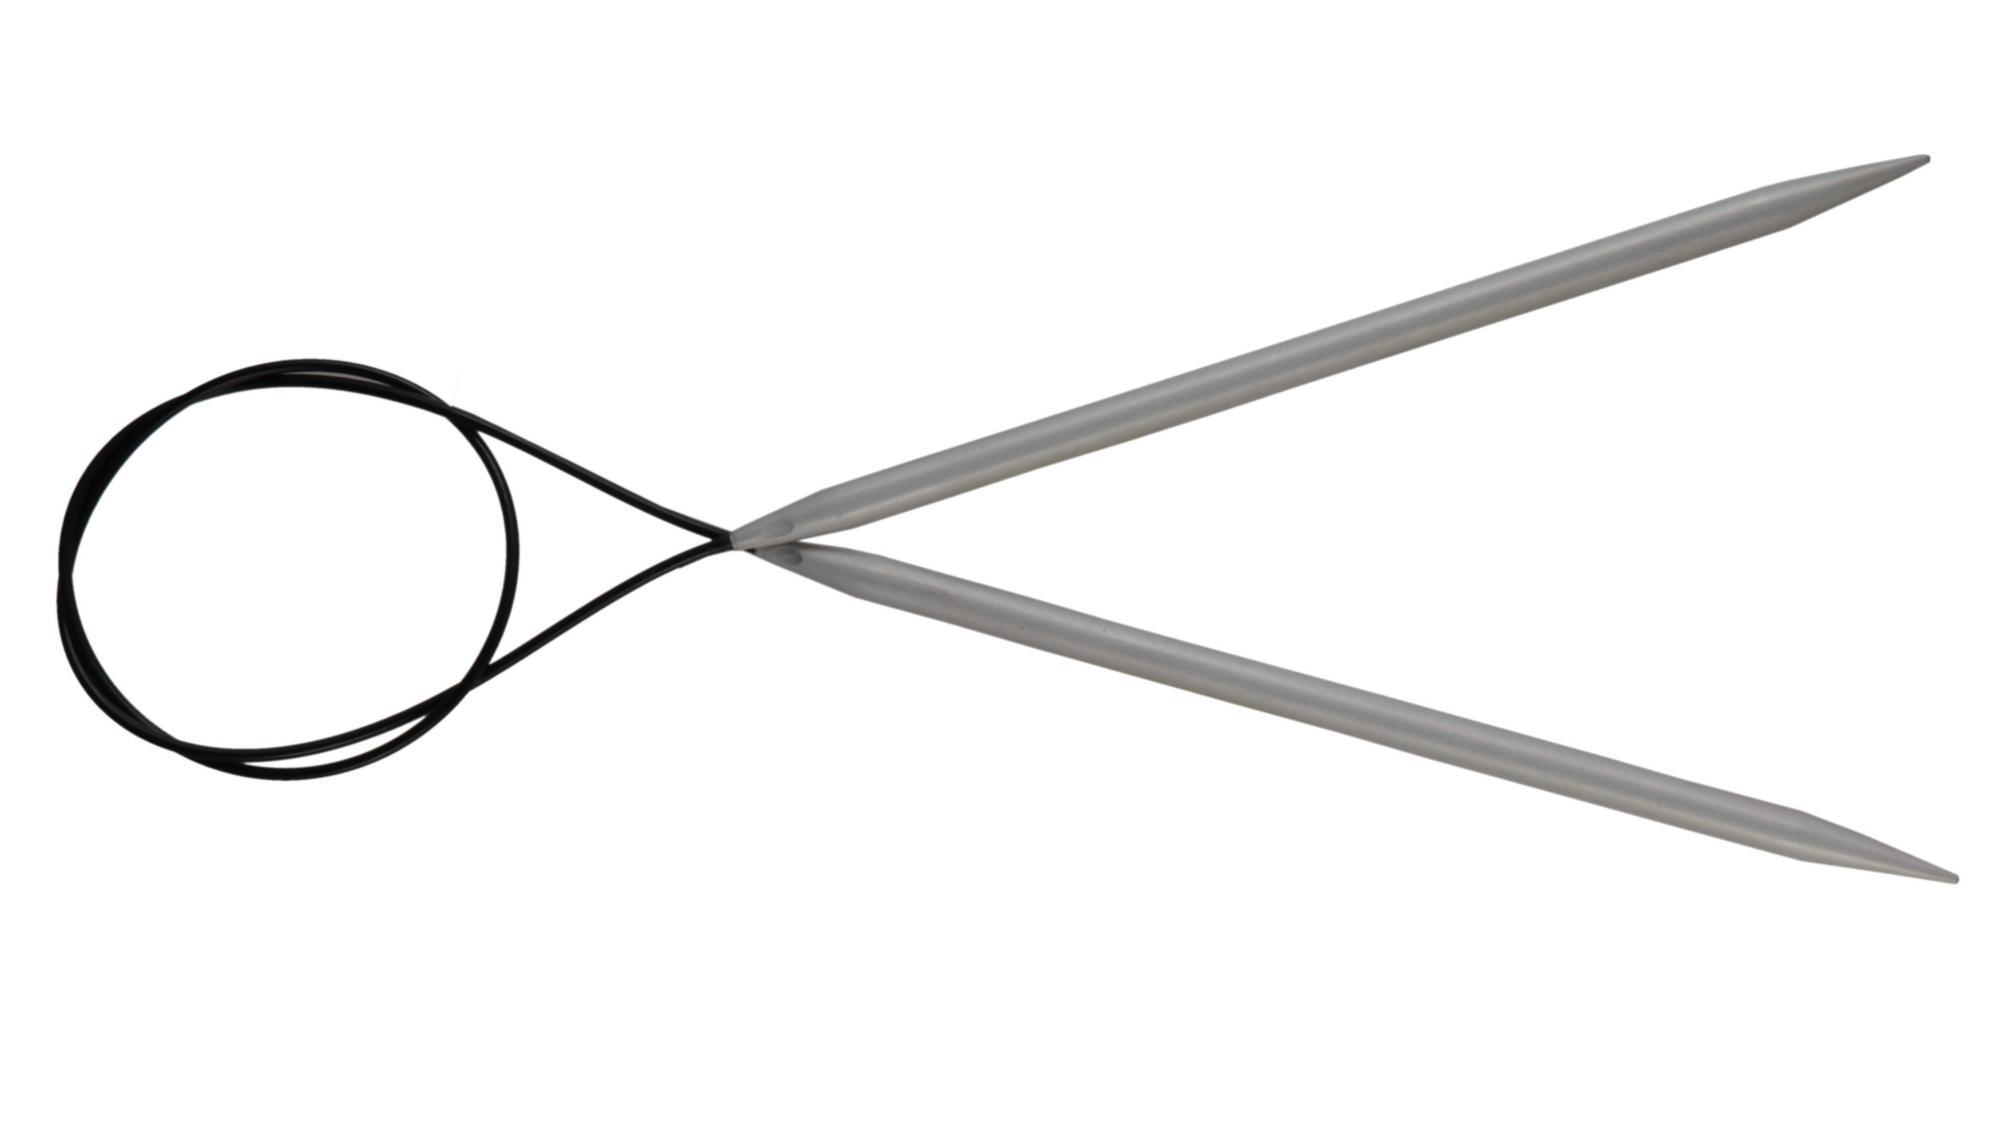 Спицы круговые 100 см Basix Aluminium KnitPro, 45343, 3.00 мм